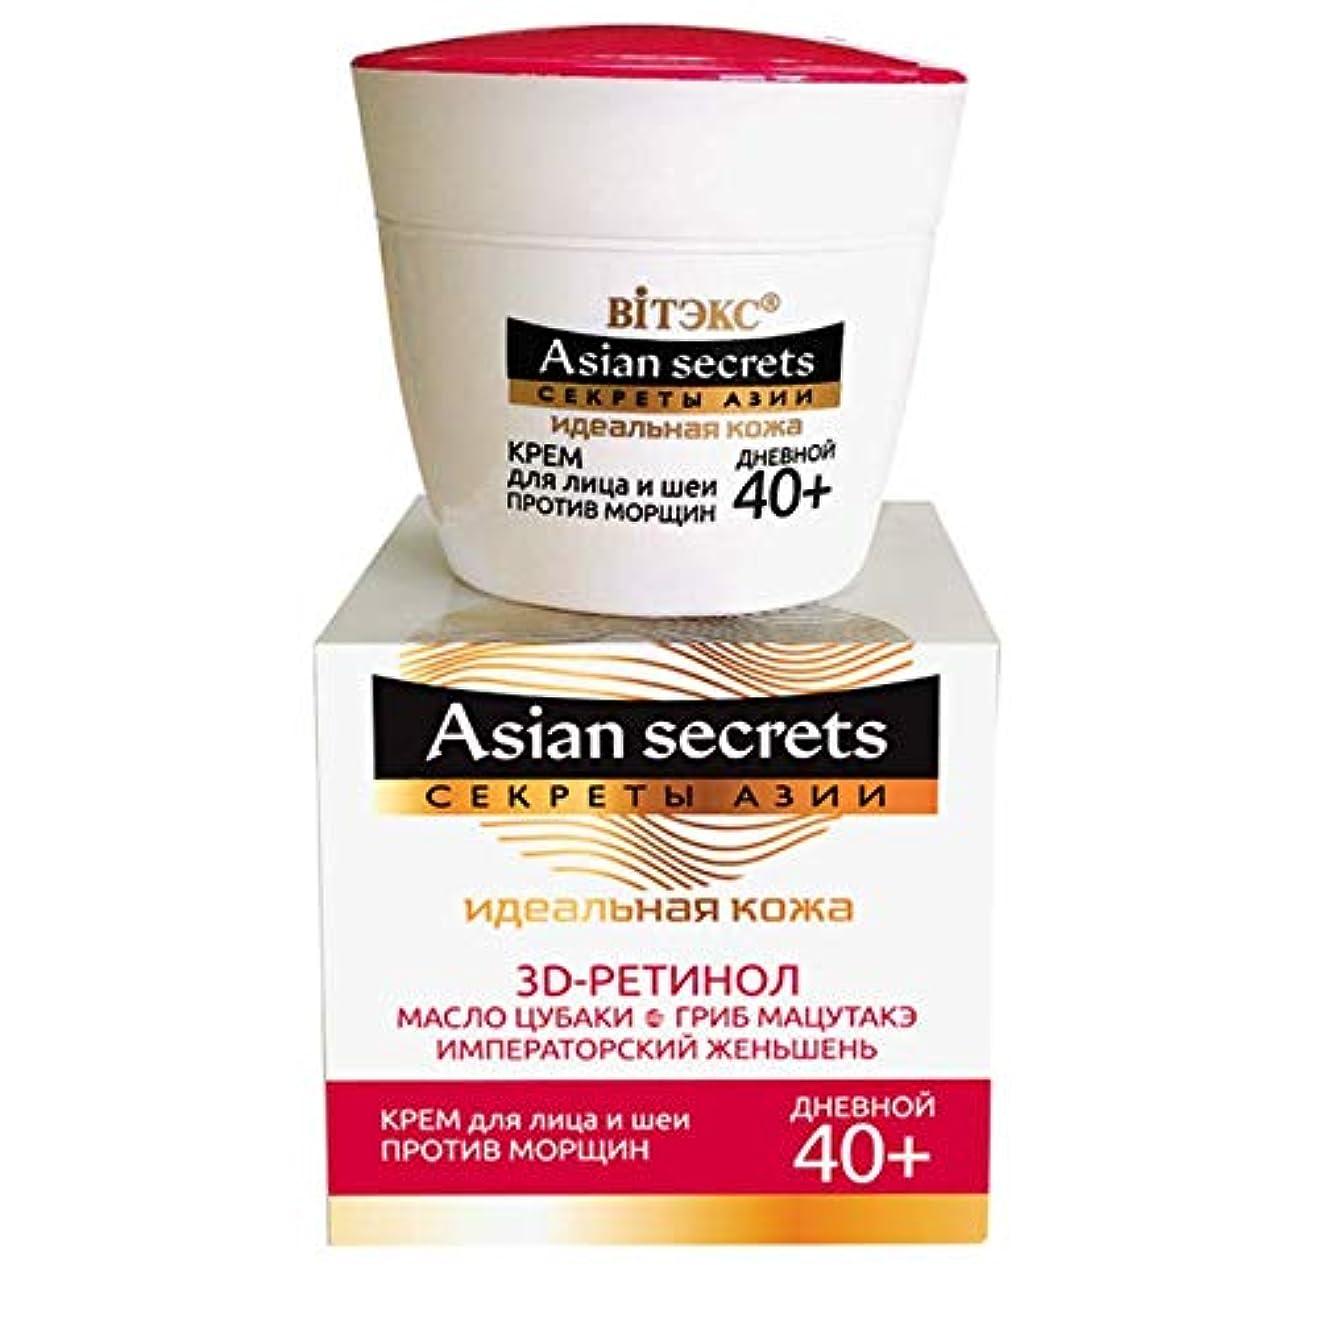 学部長そこから外交Skin Care Moisturizer for dry skin and normal skin. Korean Beauty - Face day Cream Moisturizer | Japanese Camellia...